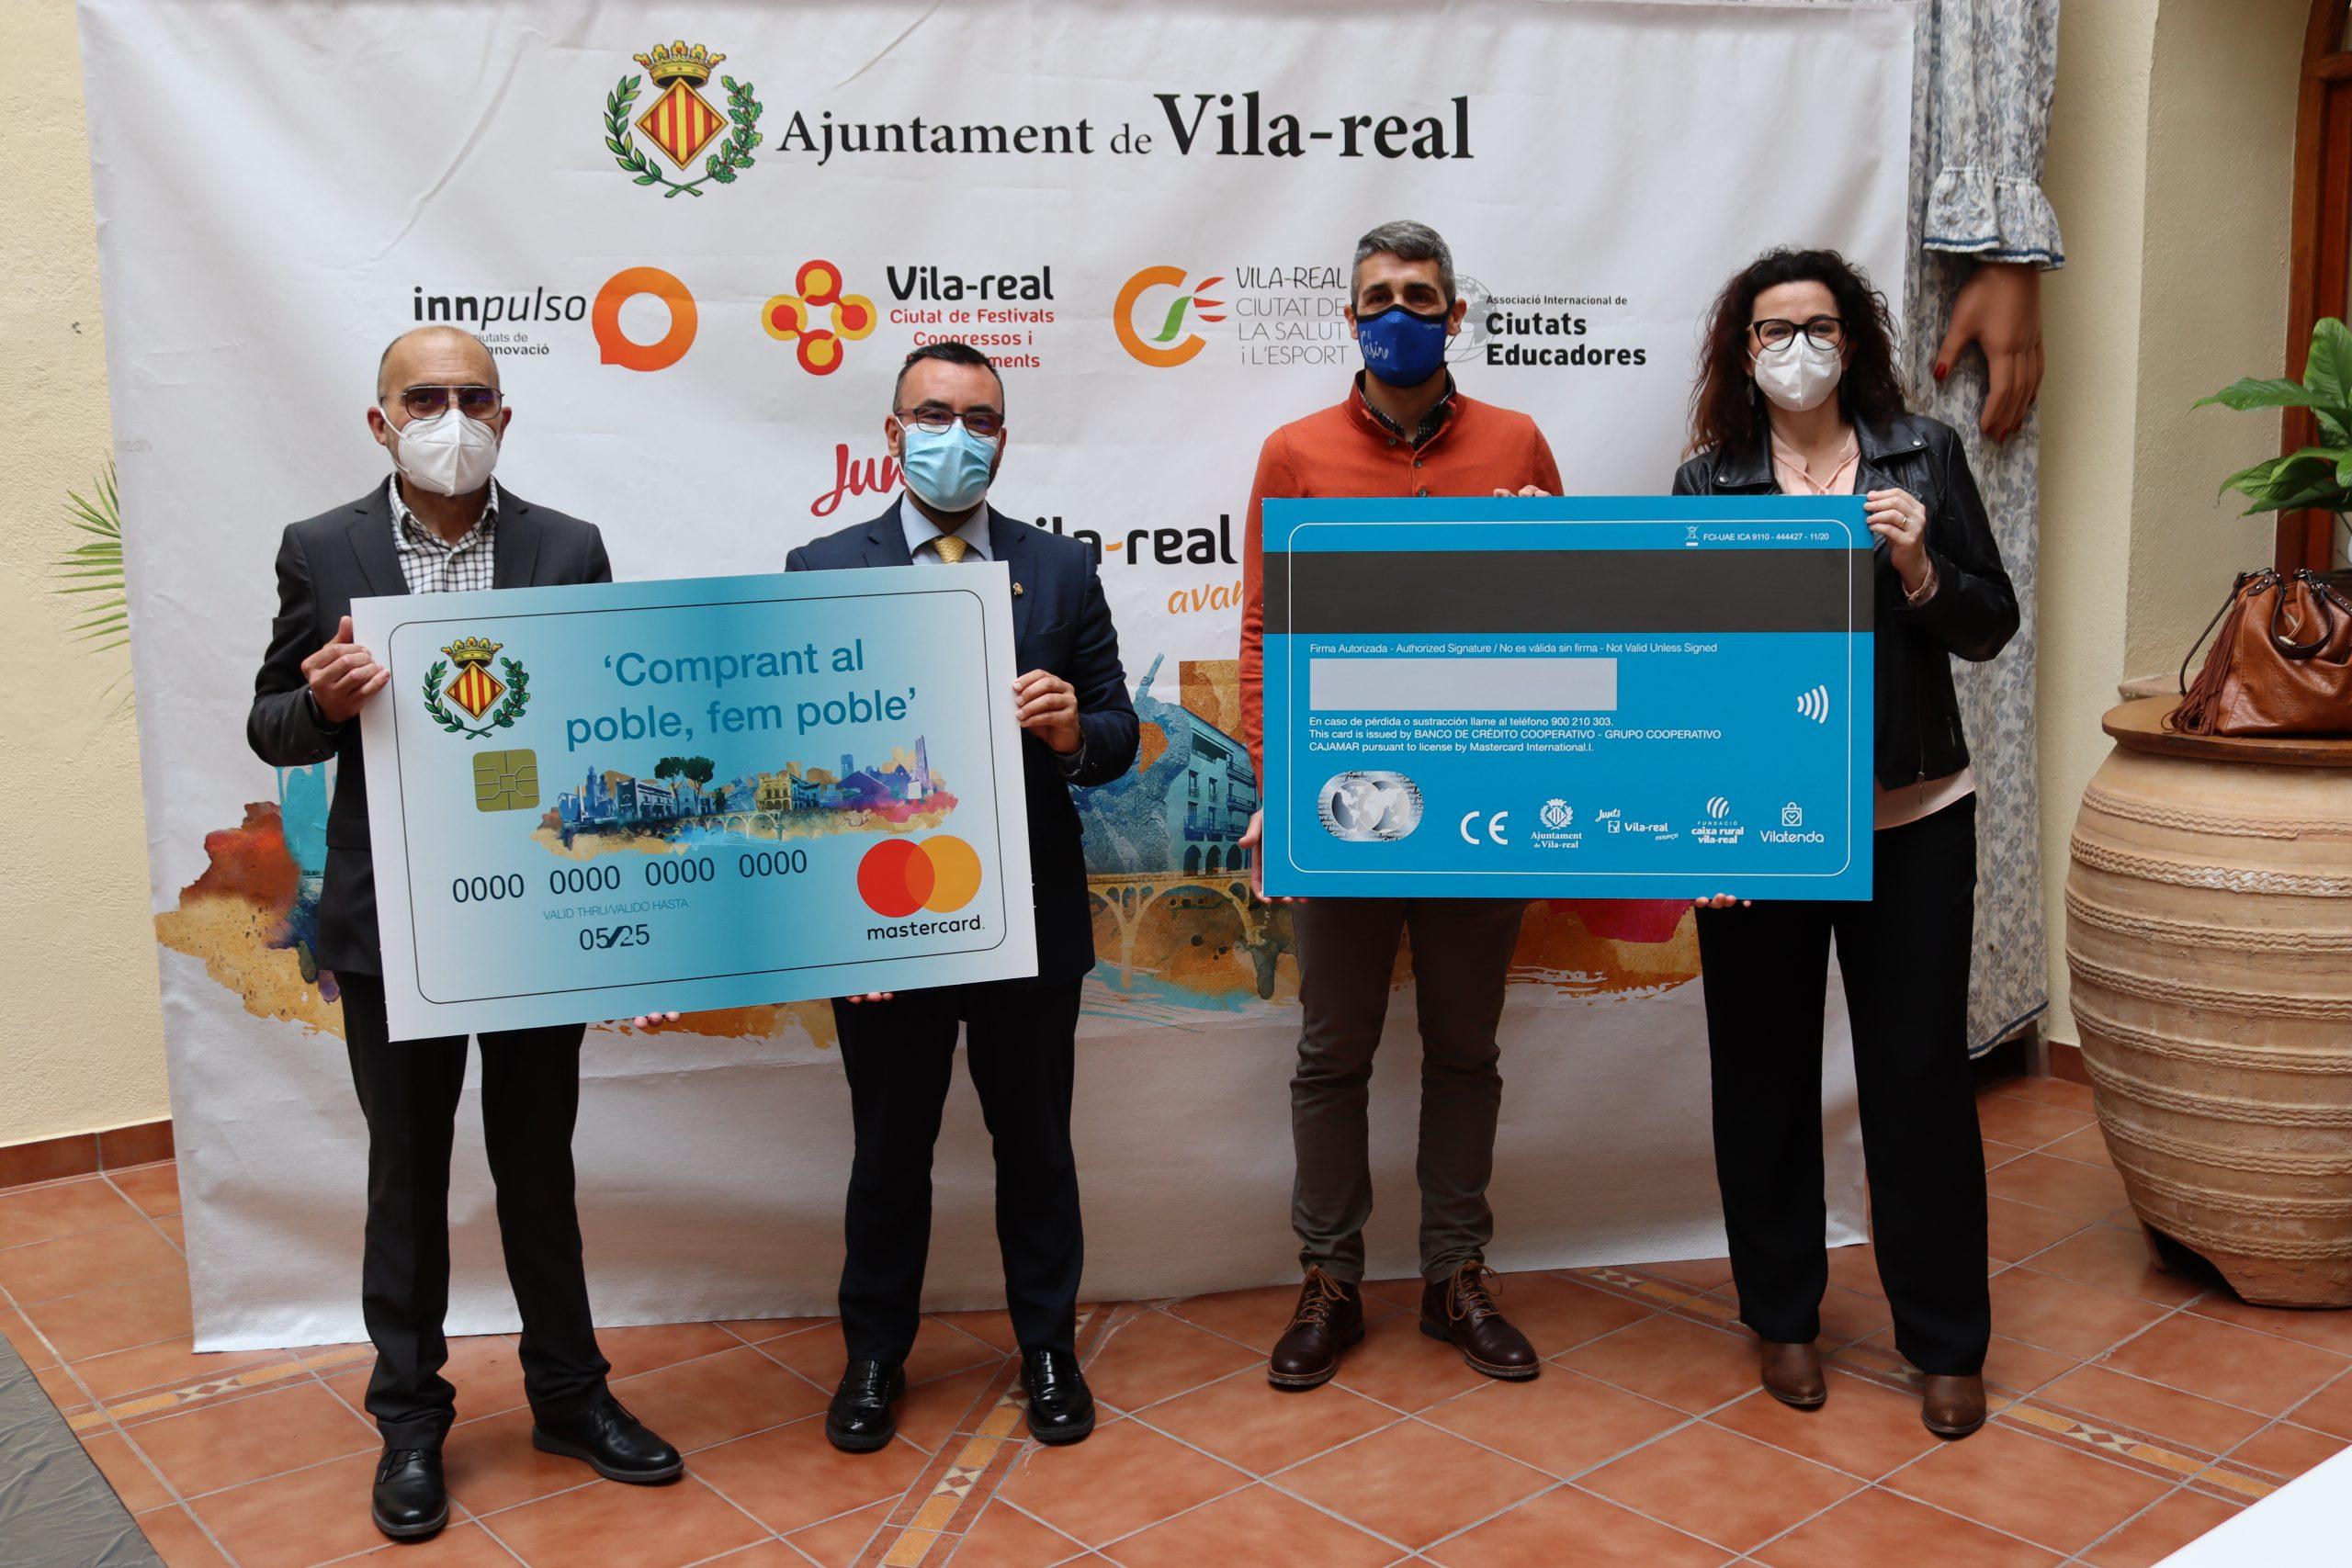 Entrevista al secretario de Fundació Caixa Rural de Vila-real, Josep Ramos